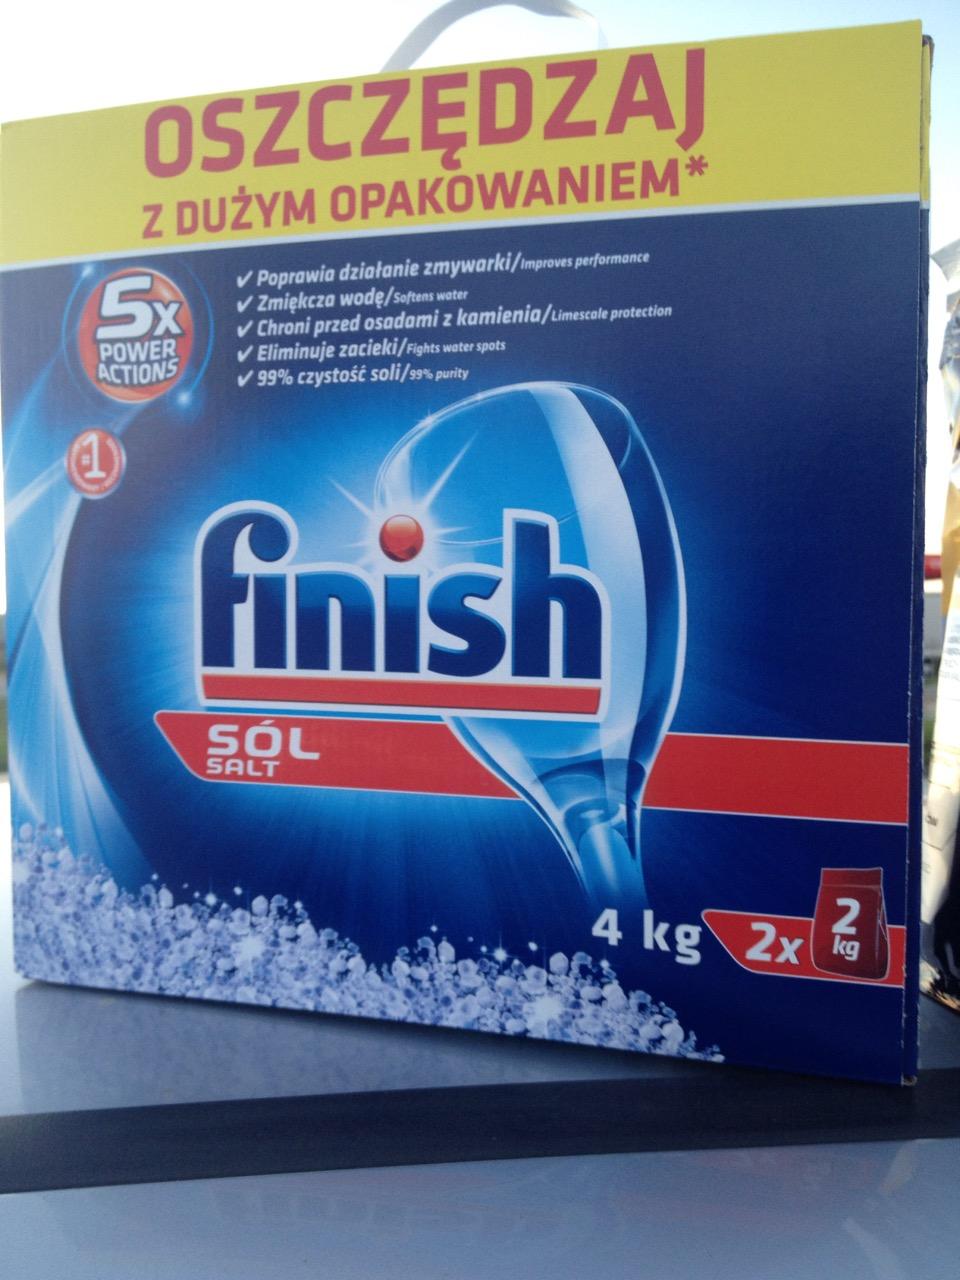 Sol do zmywarki Finish 4kg @ Biedronka